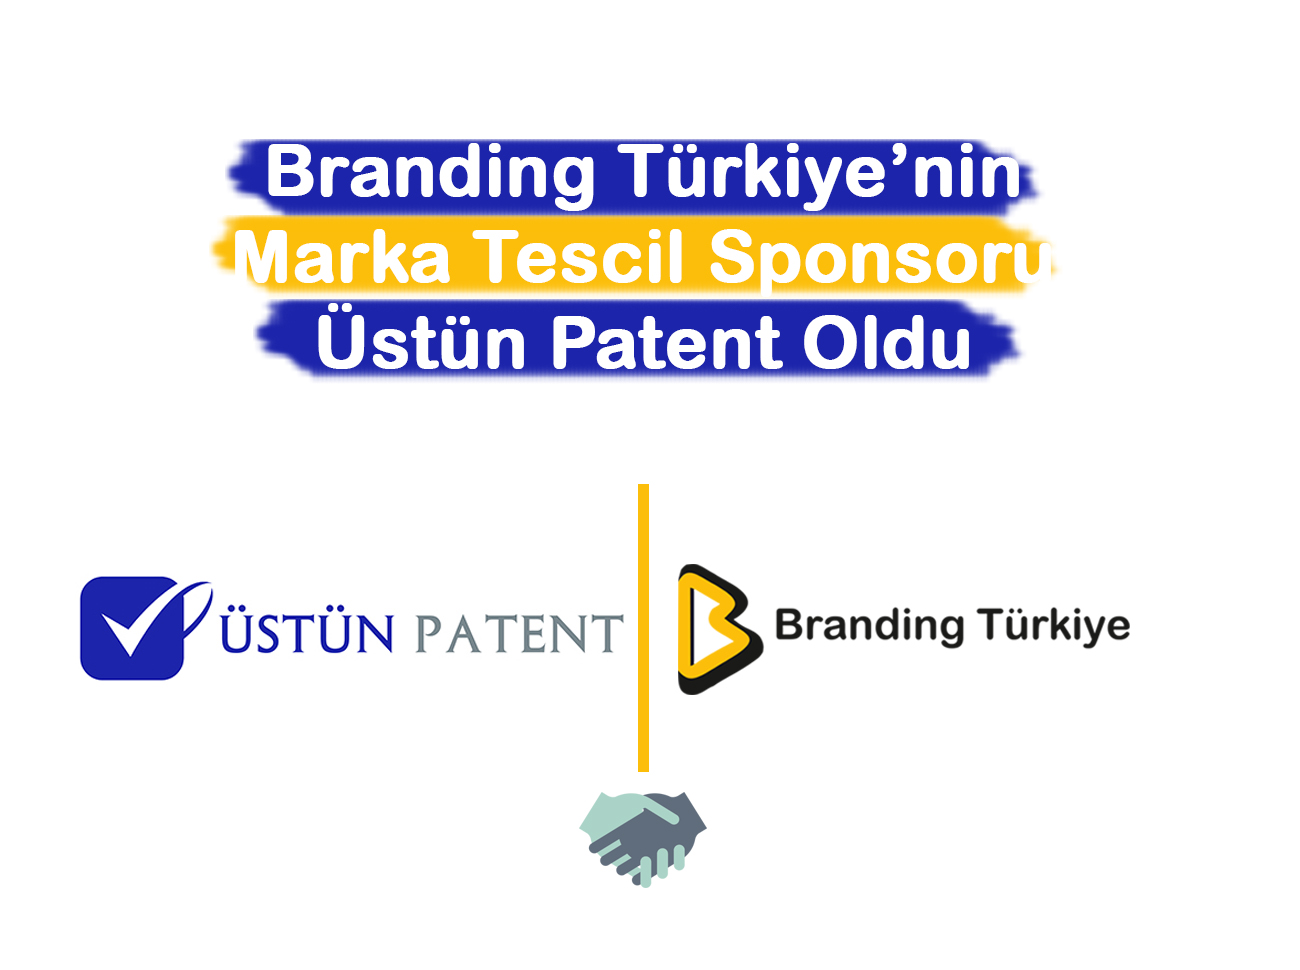 Marka Tescil Sponsoru Üstün Patent